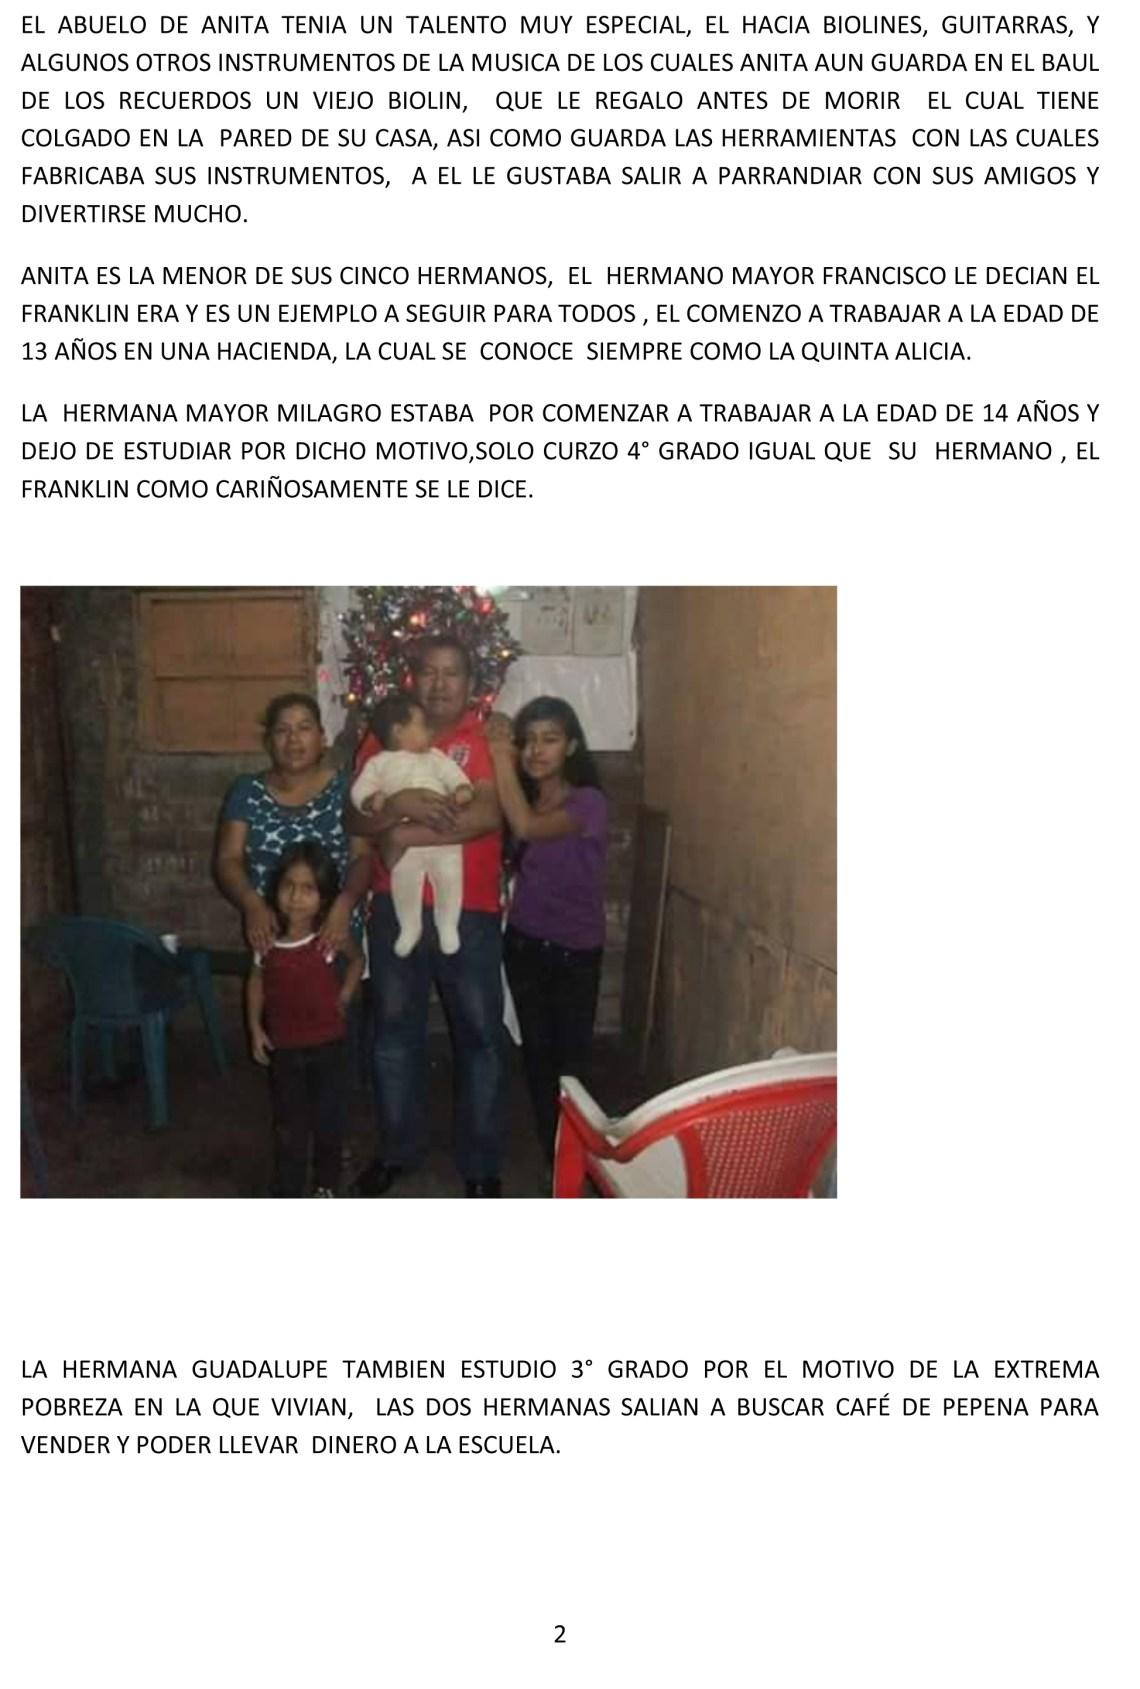 LA HISTORIA DE ANITA-2